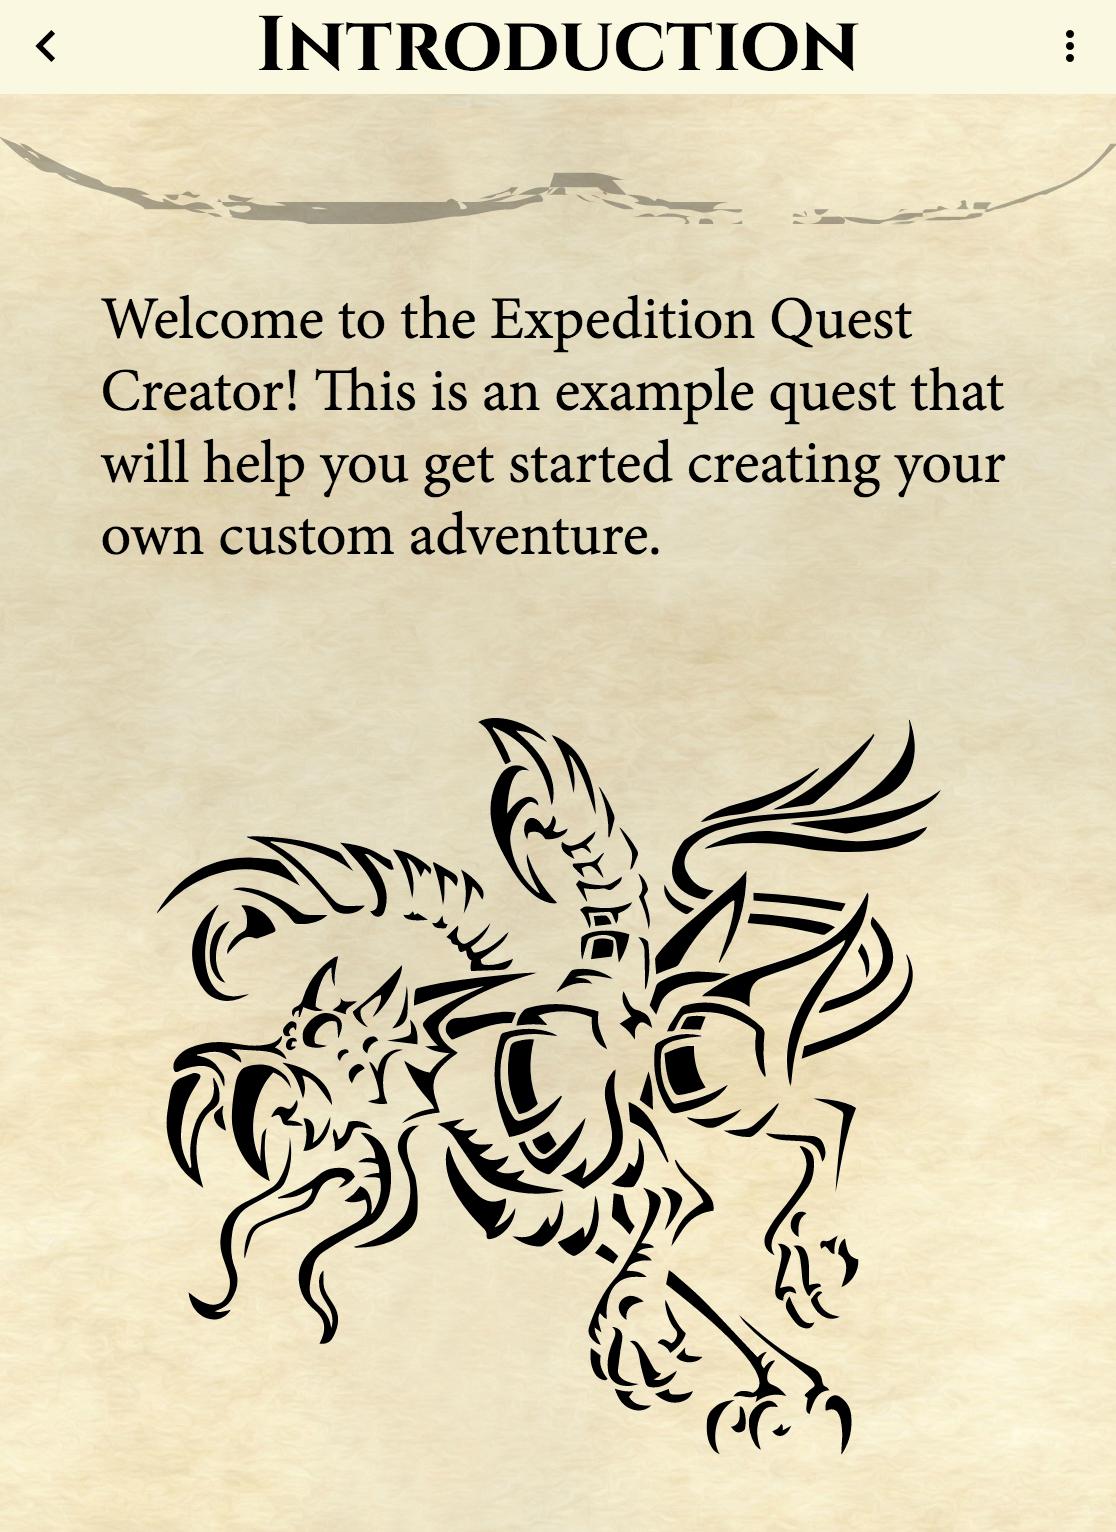 expedition-app-full-screen-art.jpg